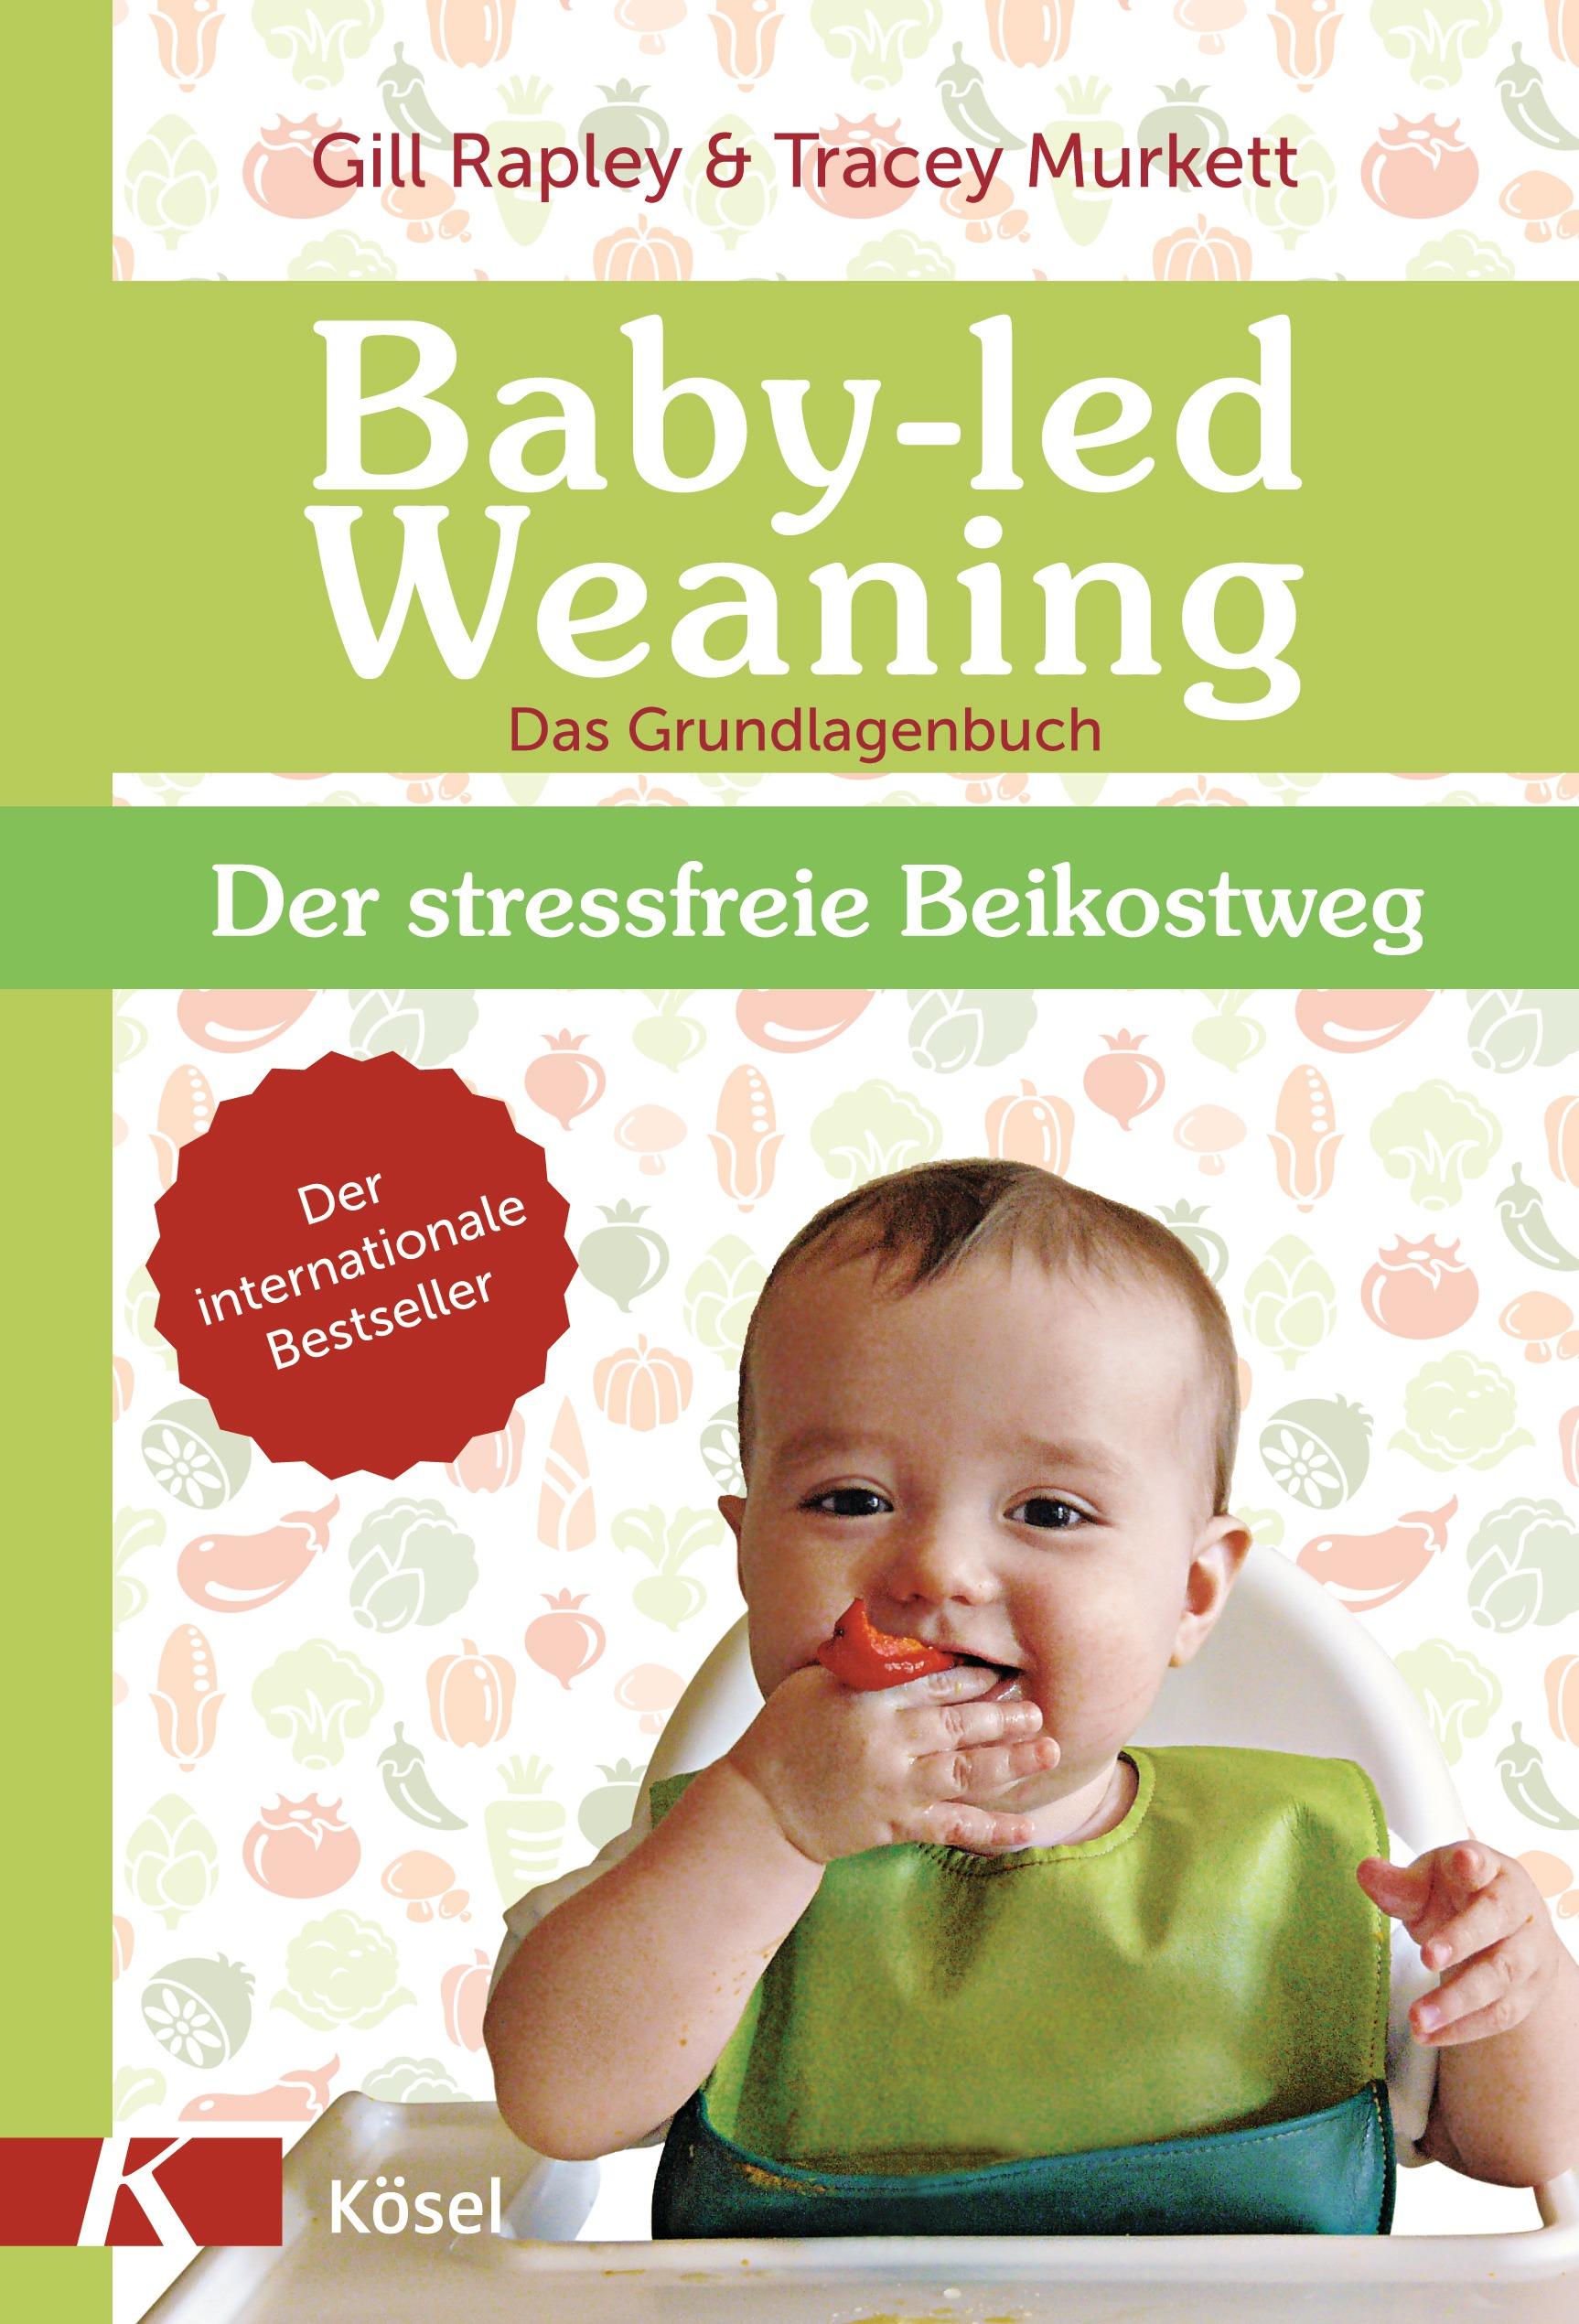 Baby-led Weaning - Das Grundlagenbuch Gill Rapley